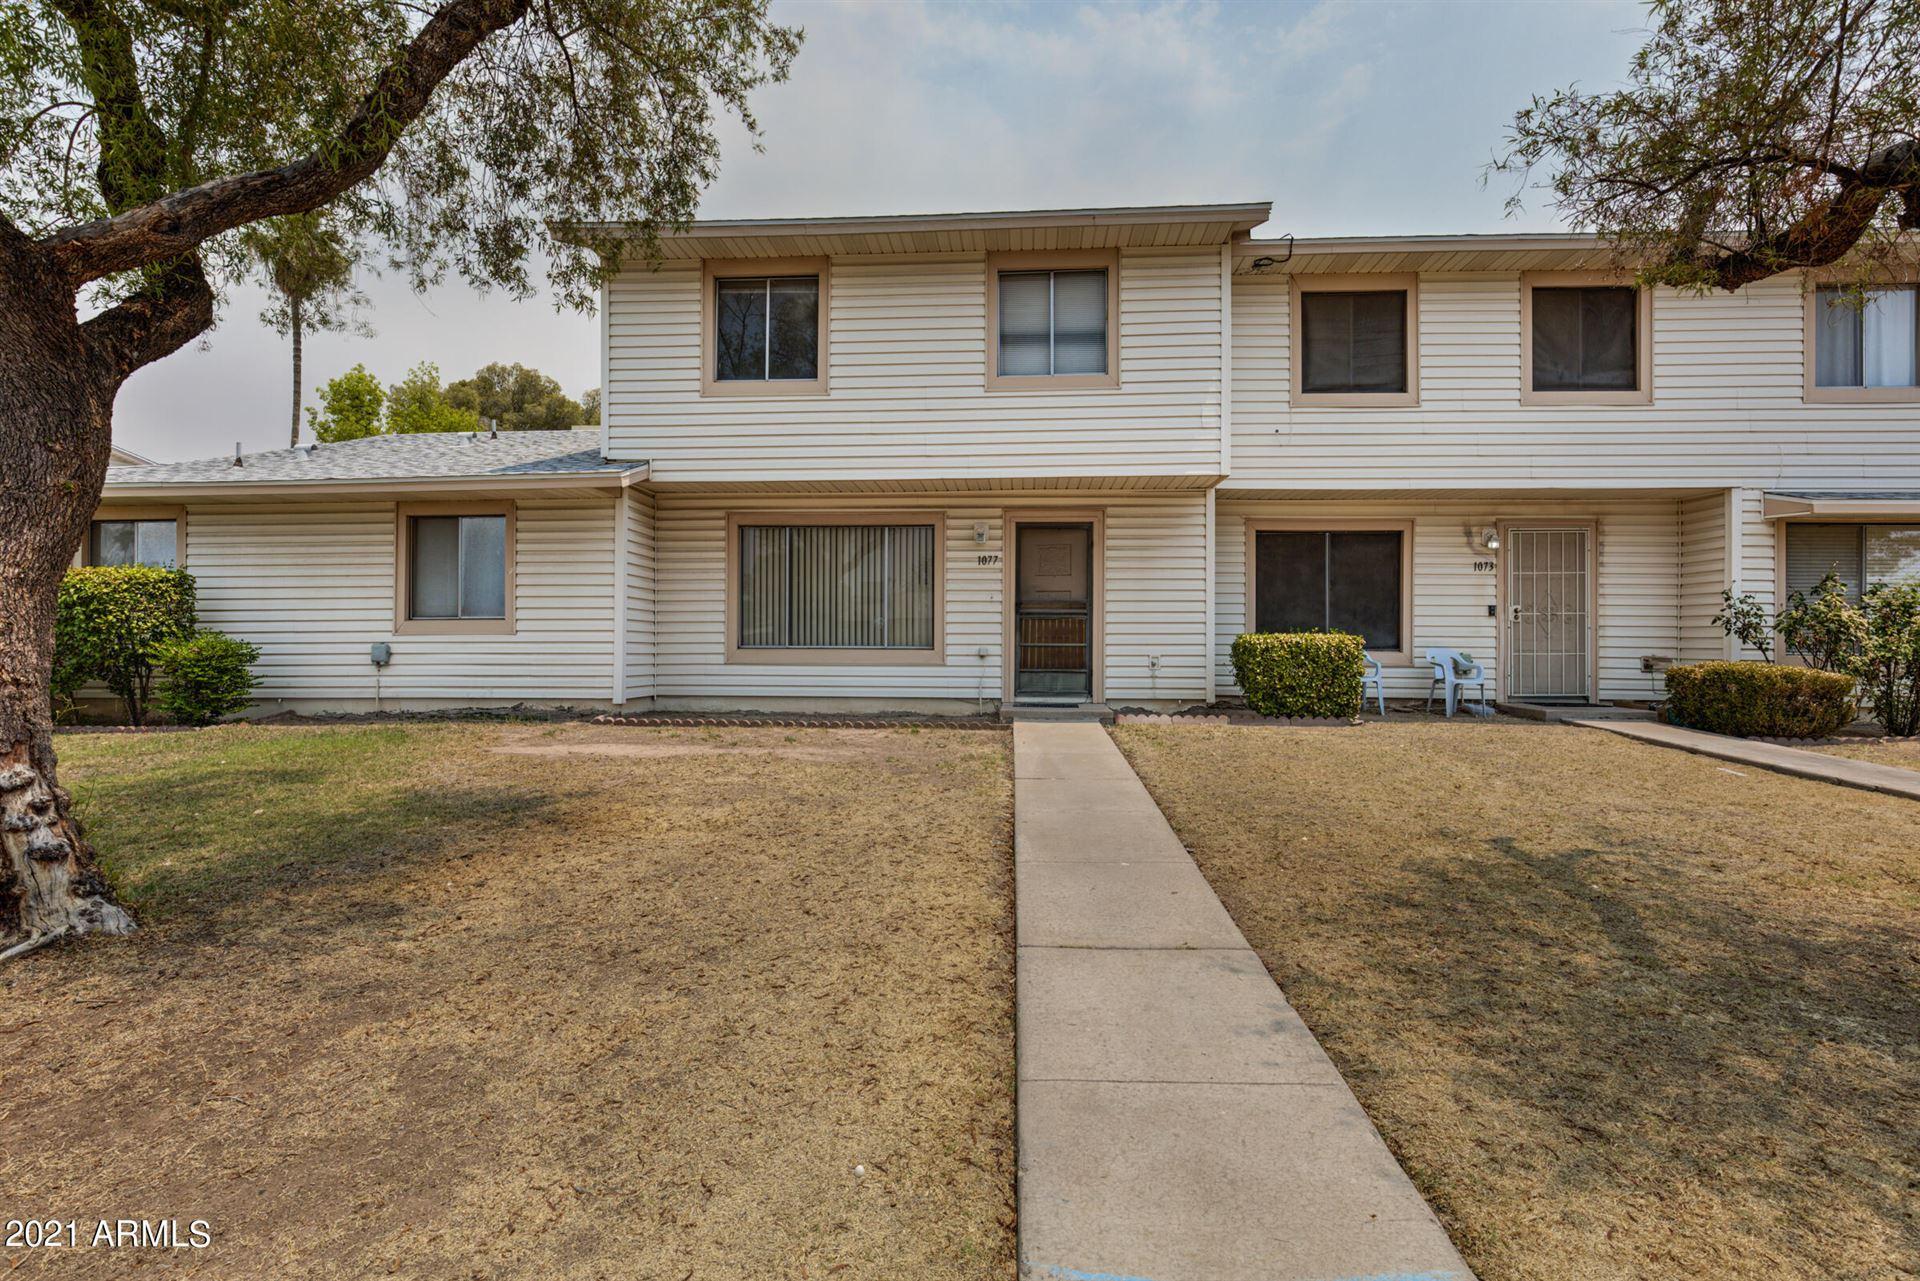 1077 E FREMONT Drive, Tempe, AZ 85282 - MLS#: 6251124